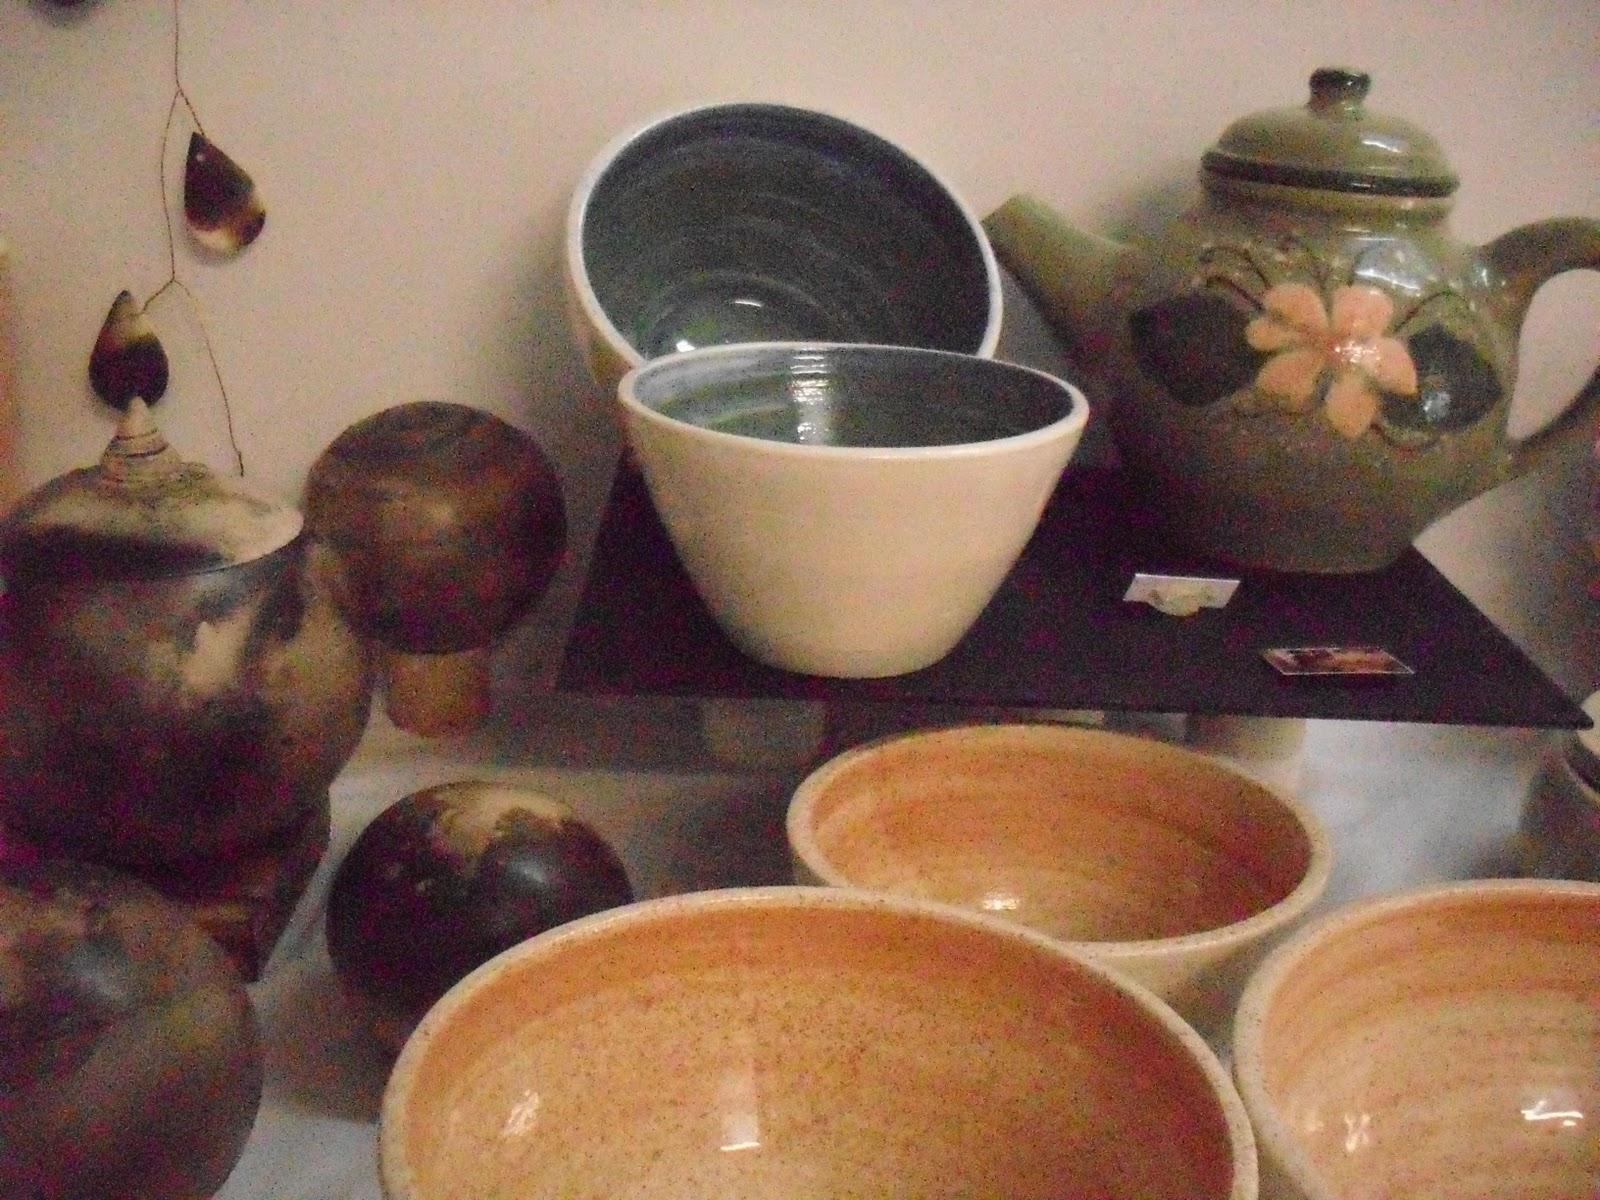 El taller de ceramica y alfareria colores y formas variadas - Colores de ceramica ...